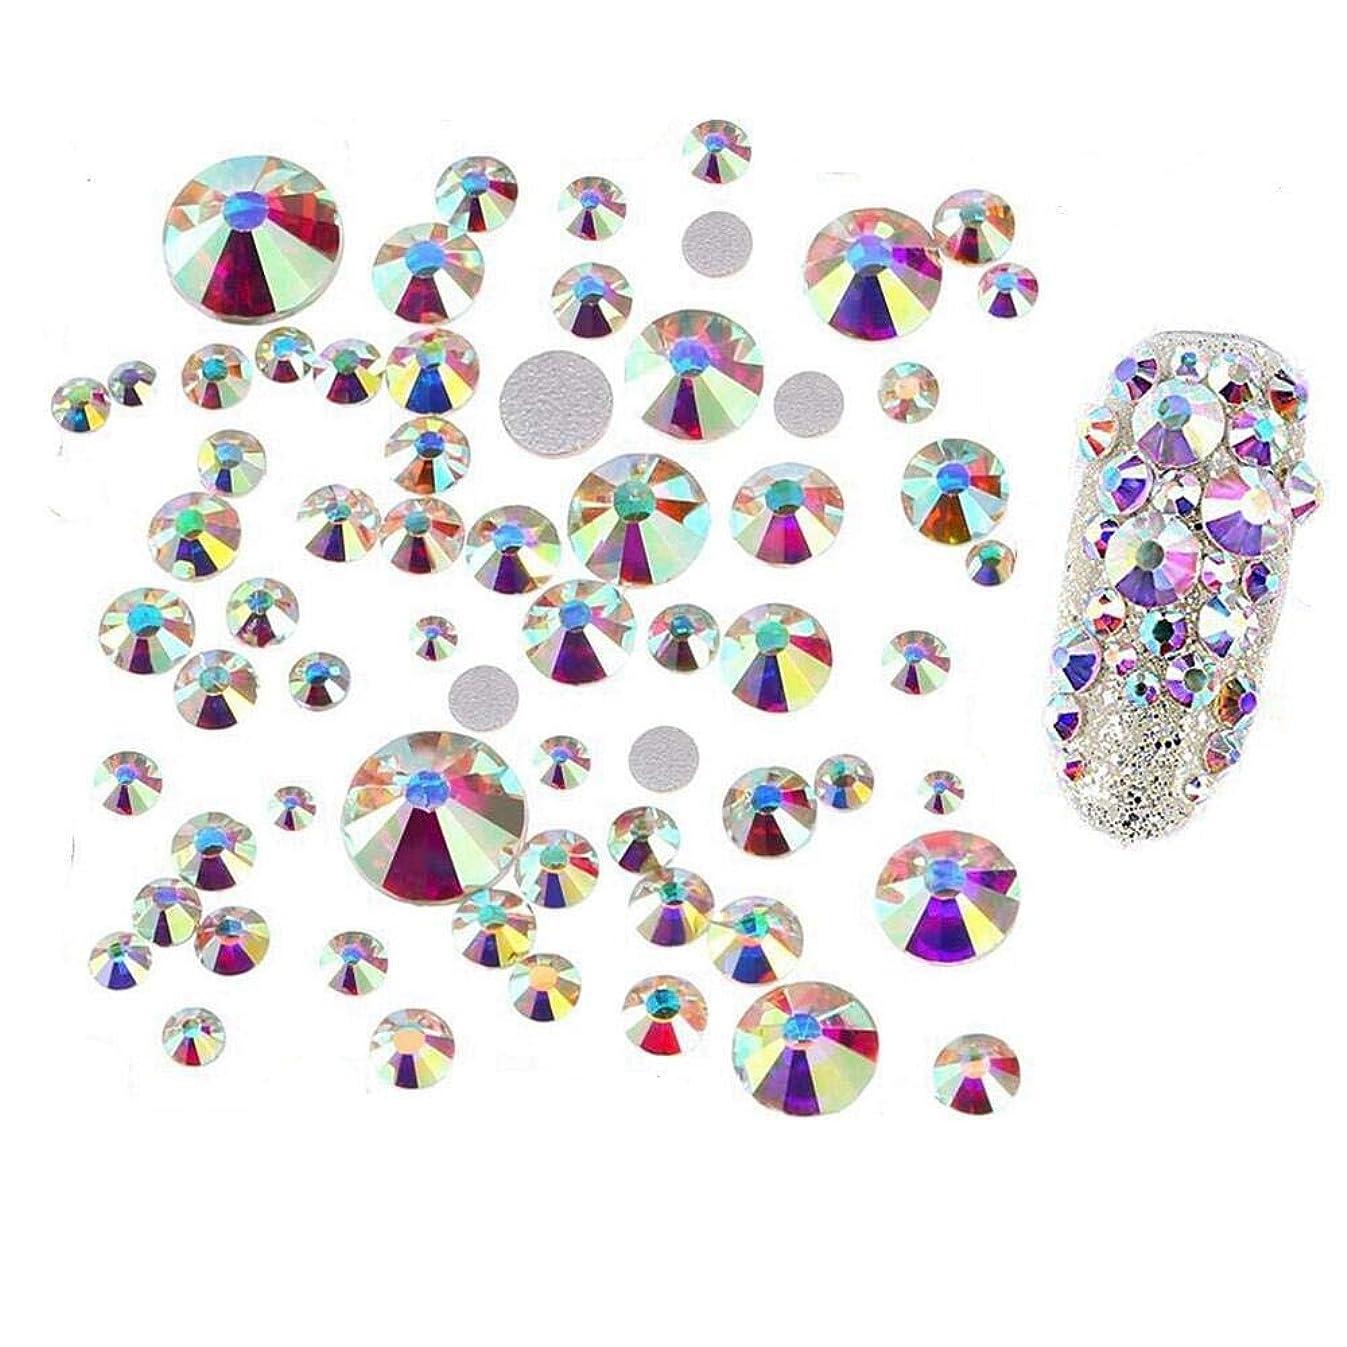 結婚式ラテン好きである高品質 ガラスストーン オーロラ クリスタル,ラインストーン ネイル デコ ガラスストーン クリスタル ジェルネイル ネイルパーツ (約200粒)